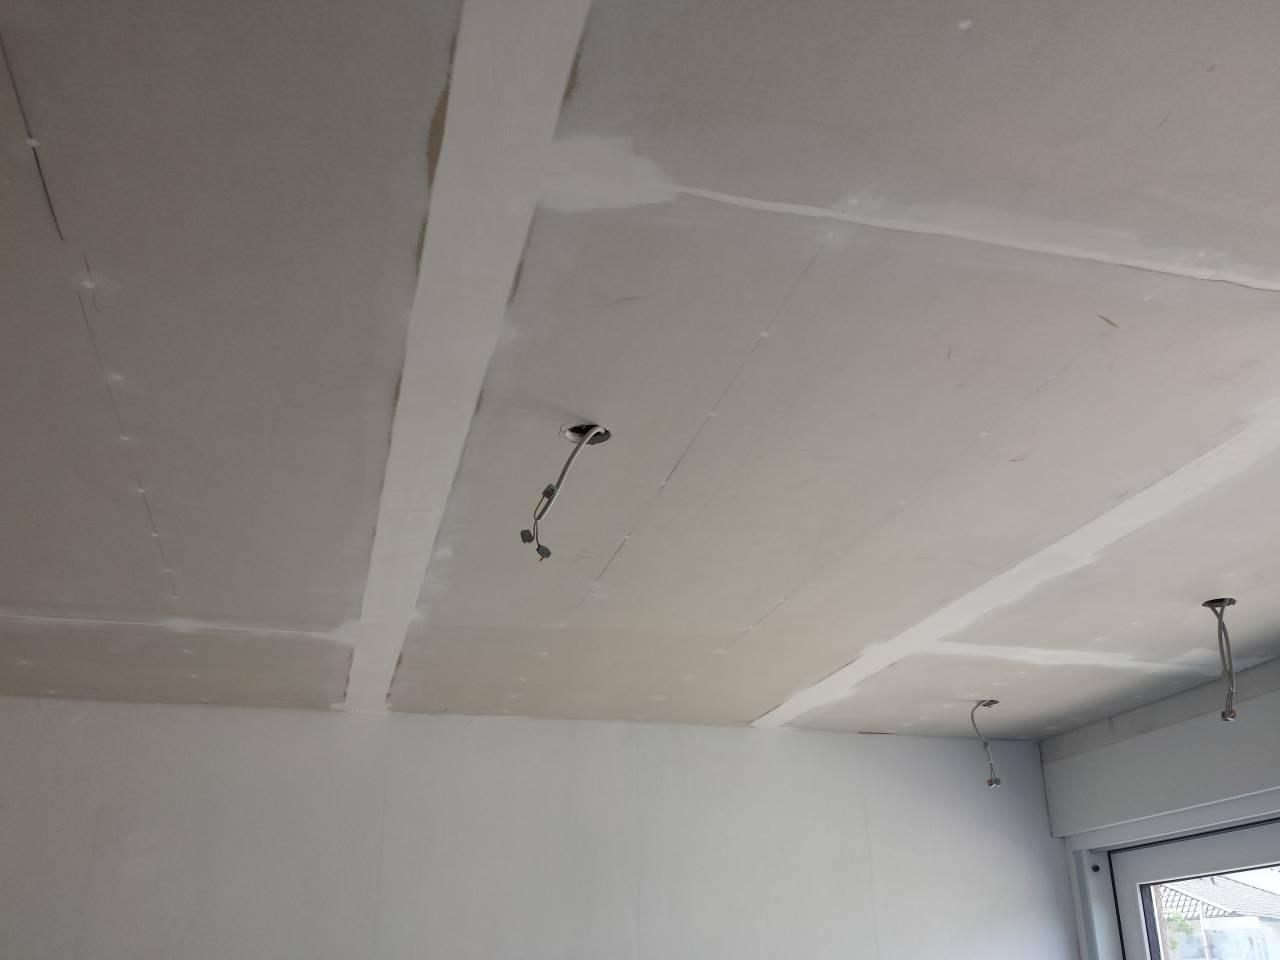 Decken Renovierung, Baron für alle Fälle, 64380 Roßdorf, Hessen